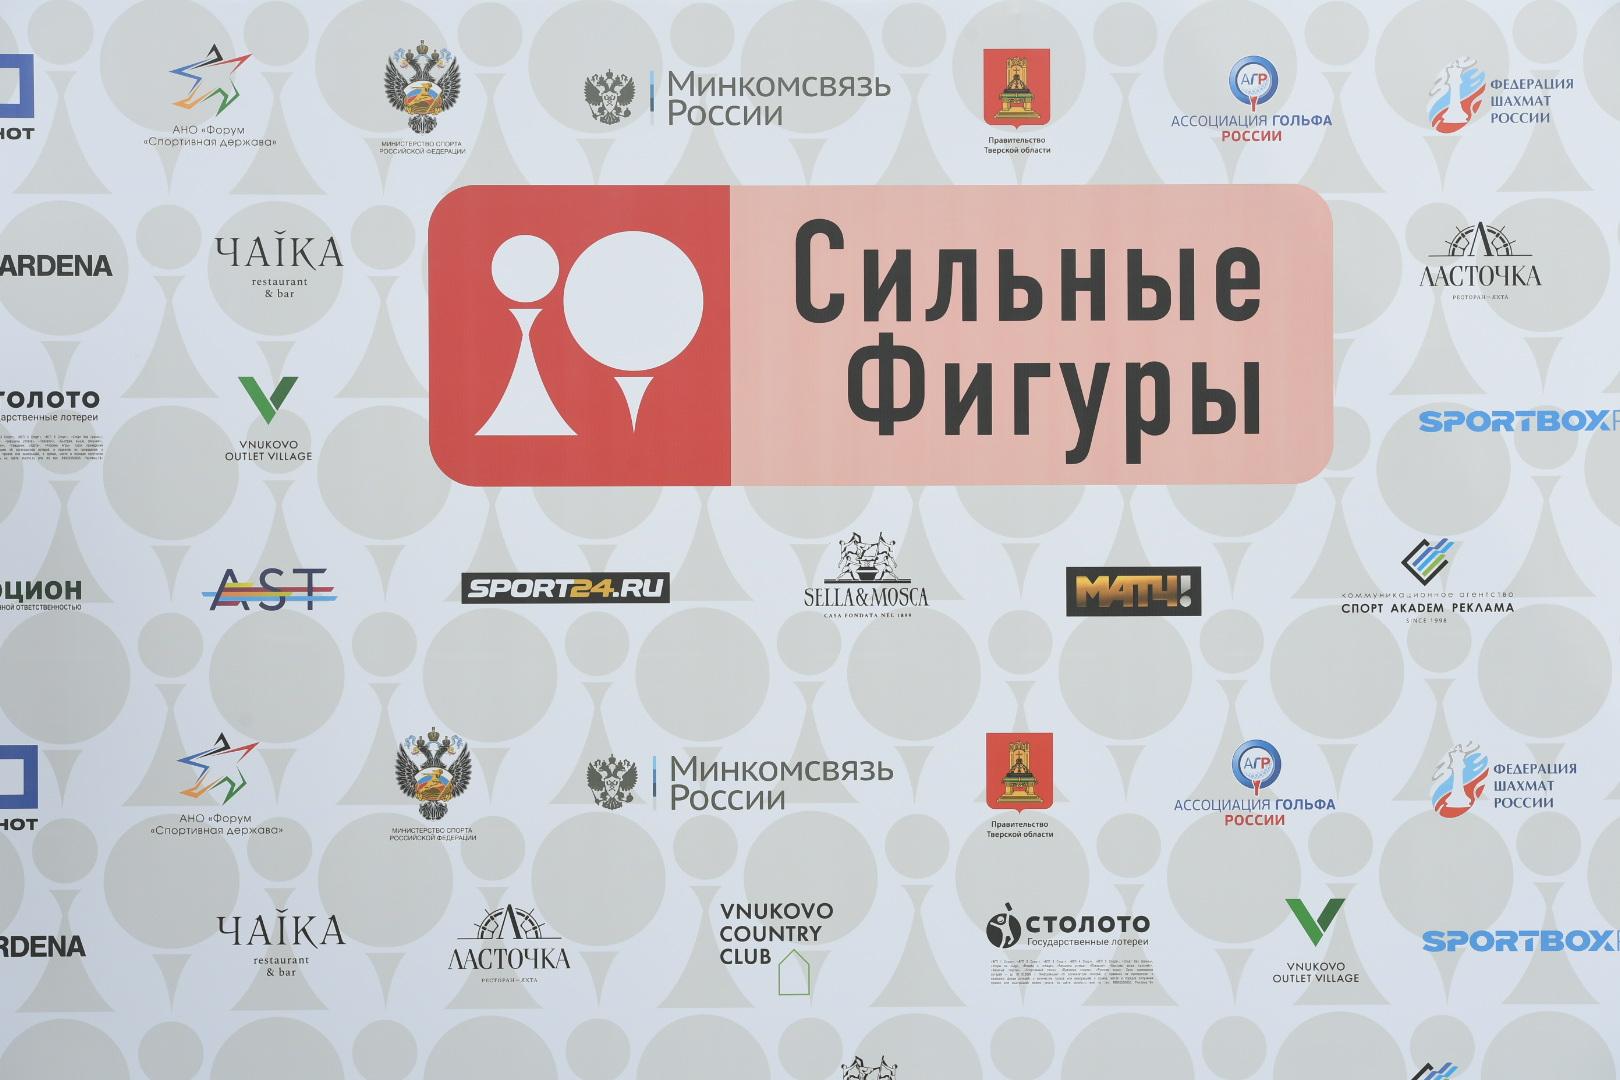 Тверская область стала площадкой проведения международного фестиваля «Сильные фигуры»